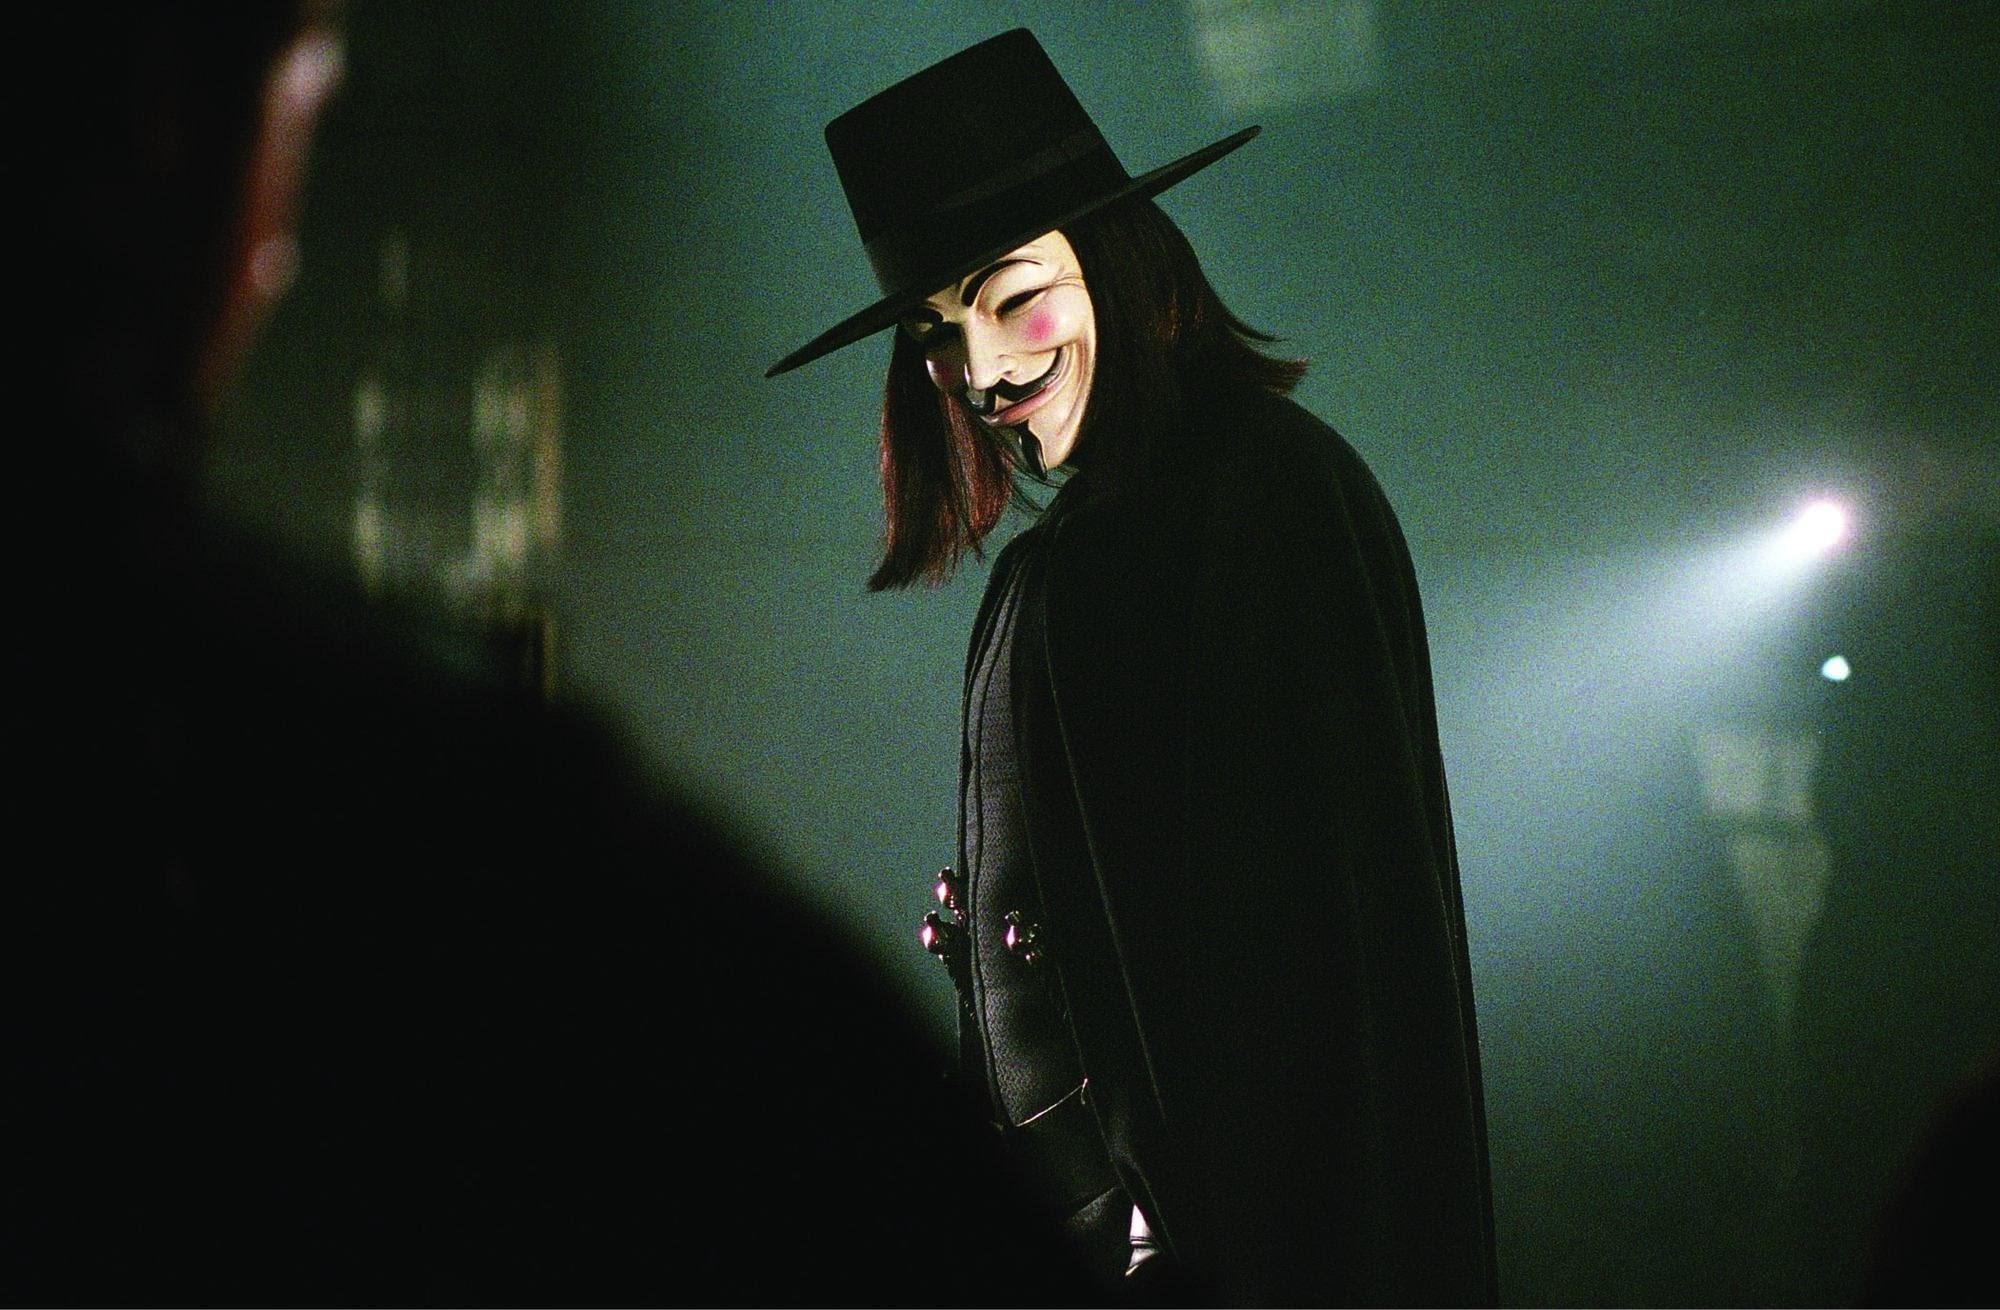 V for Vendetta Wallpap...V For Vendetta Mask Wallpaper